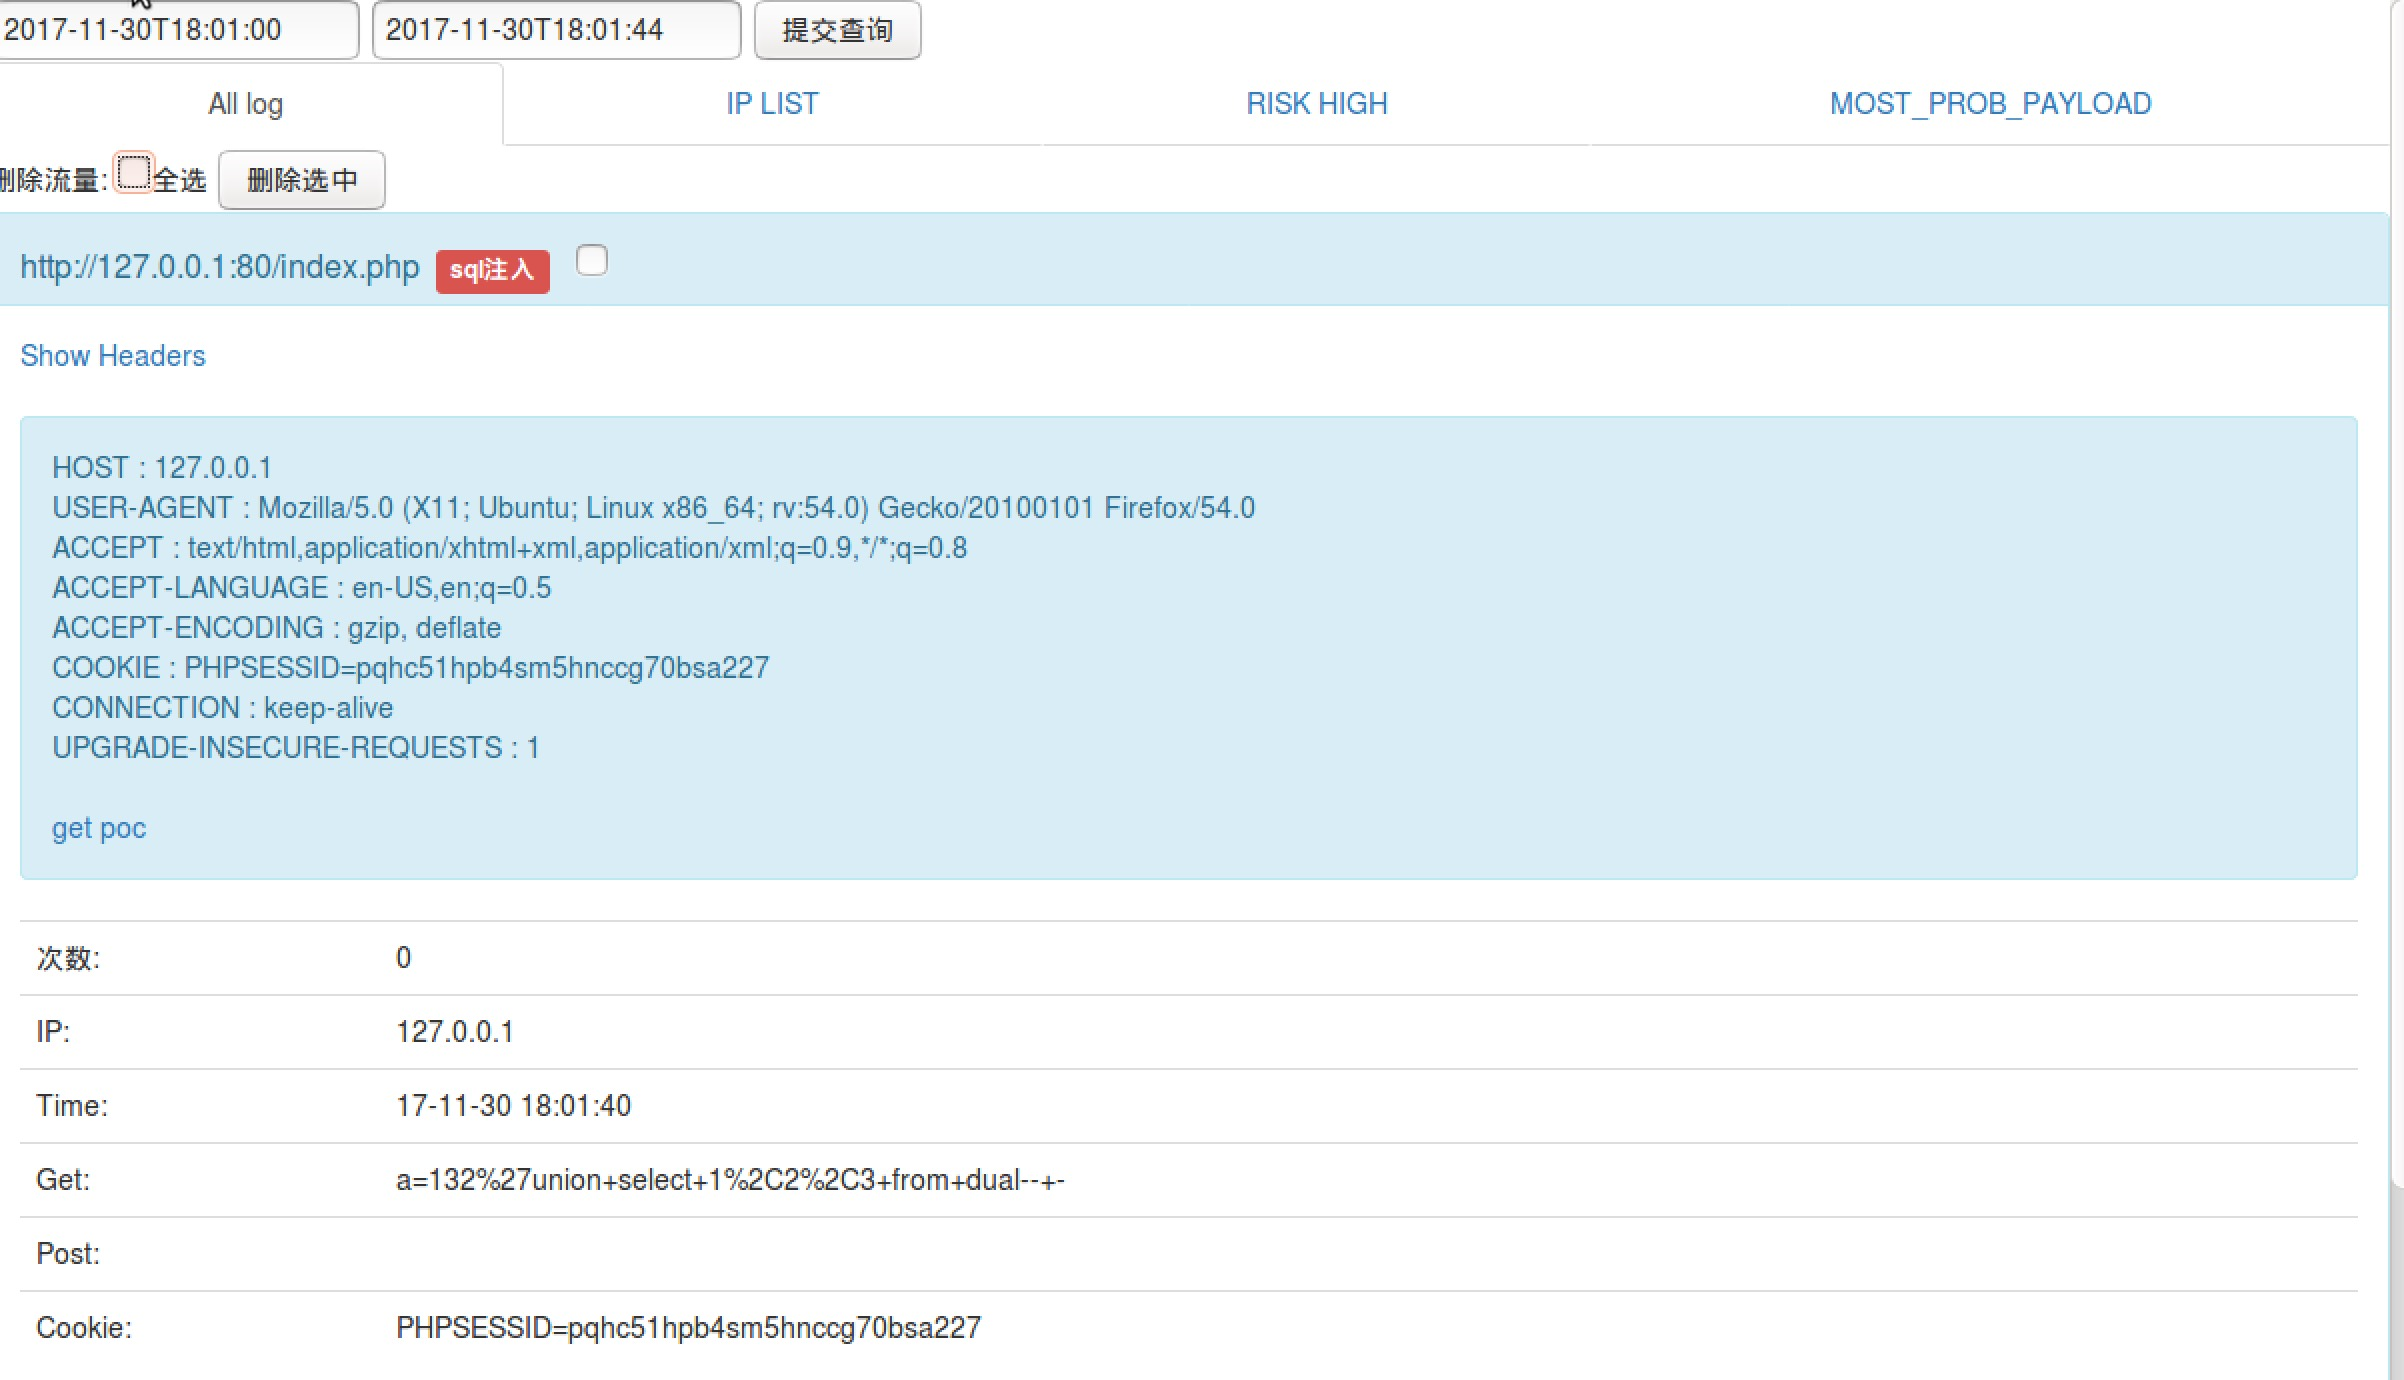 针对php的web流量抓取、分析的应用